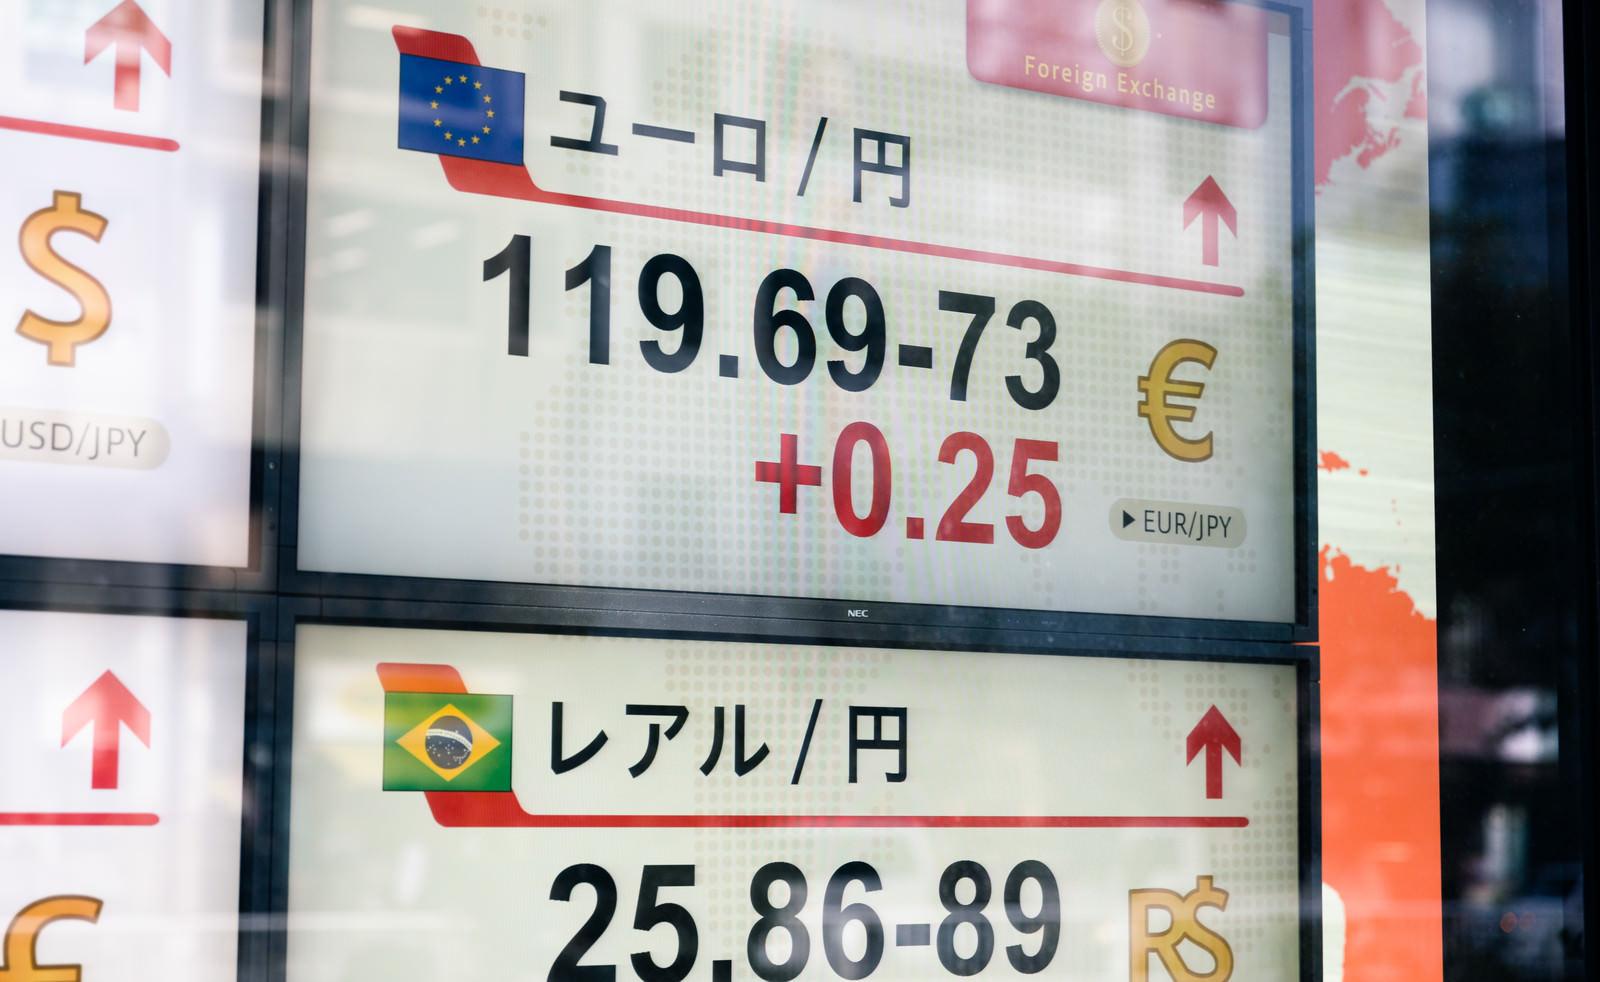 「ユーロ/円(為替)」の写真